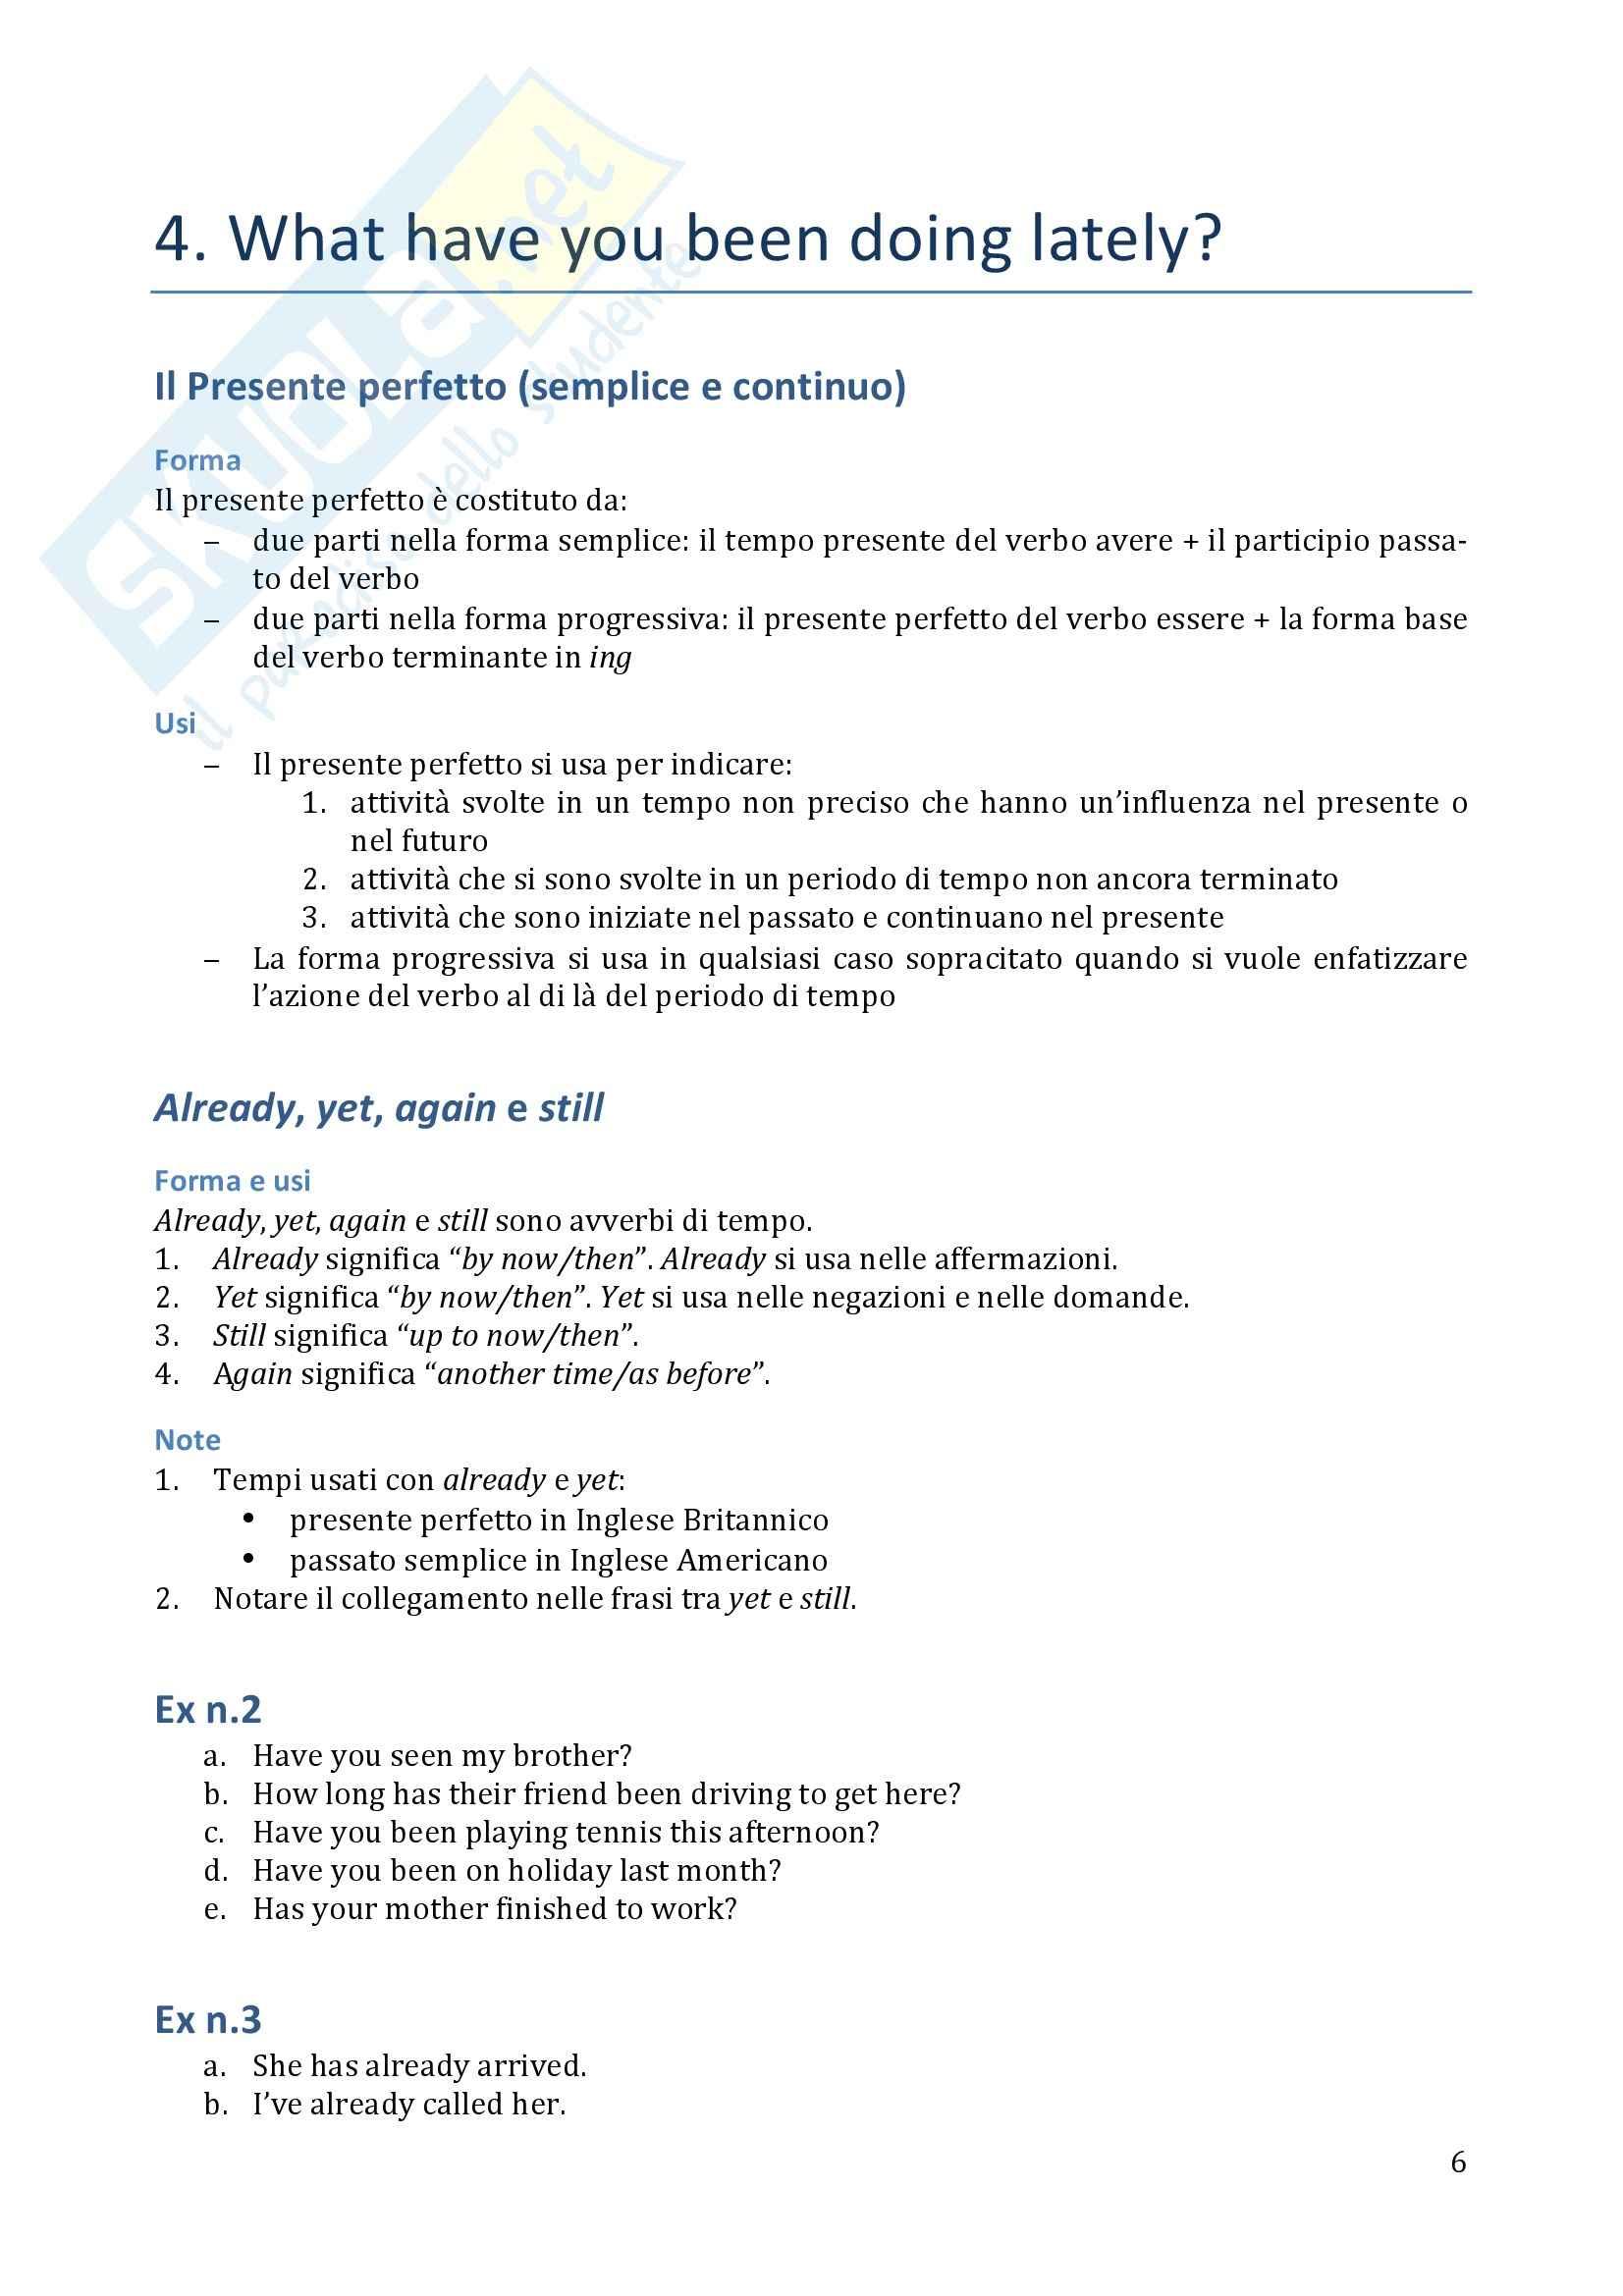 Traduzione ed esercizi svolti, Lingua inglese Pag. 6